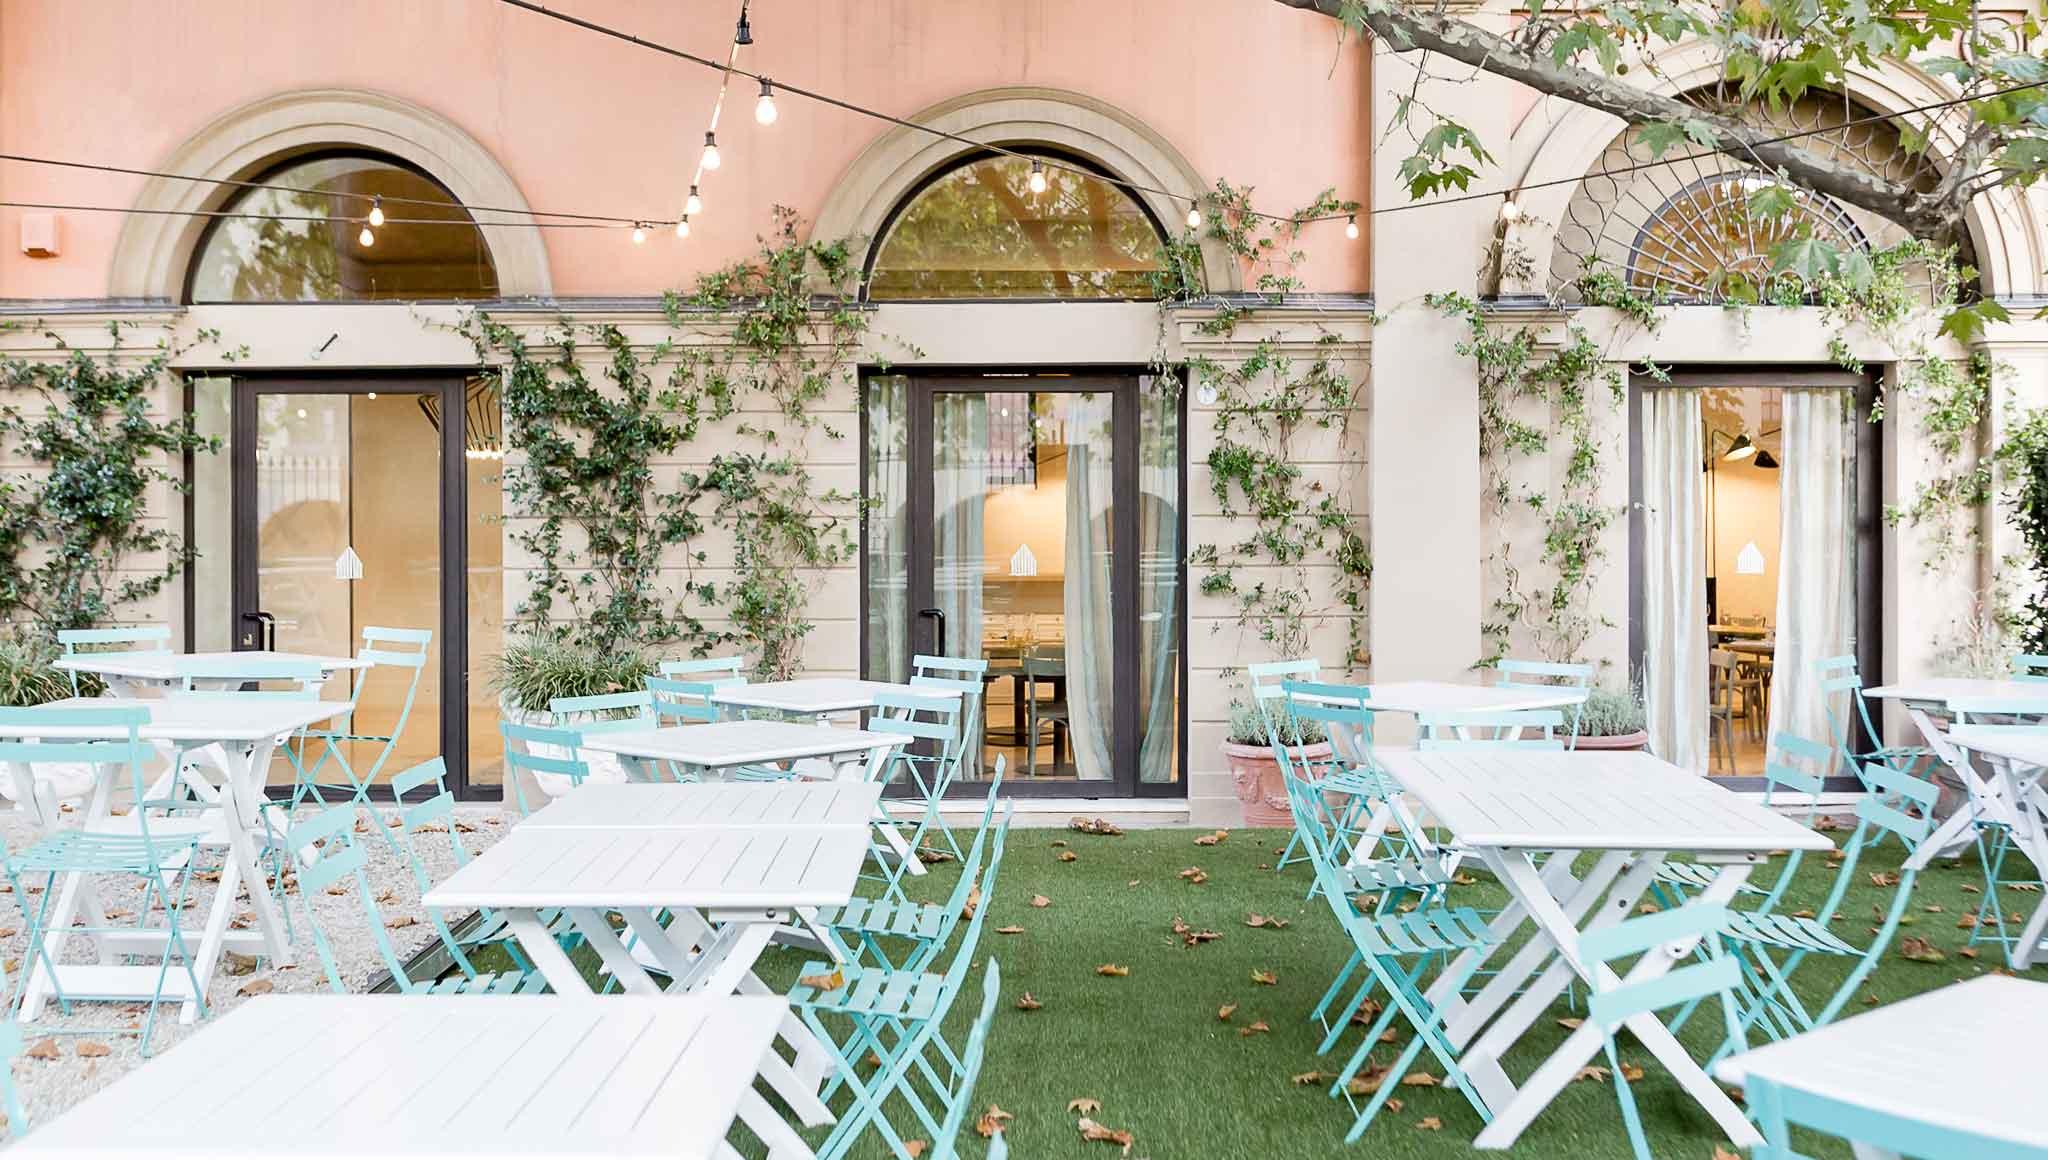 osteria-bartolini-bologna-giardino-ingresso